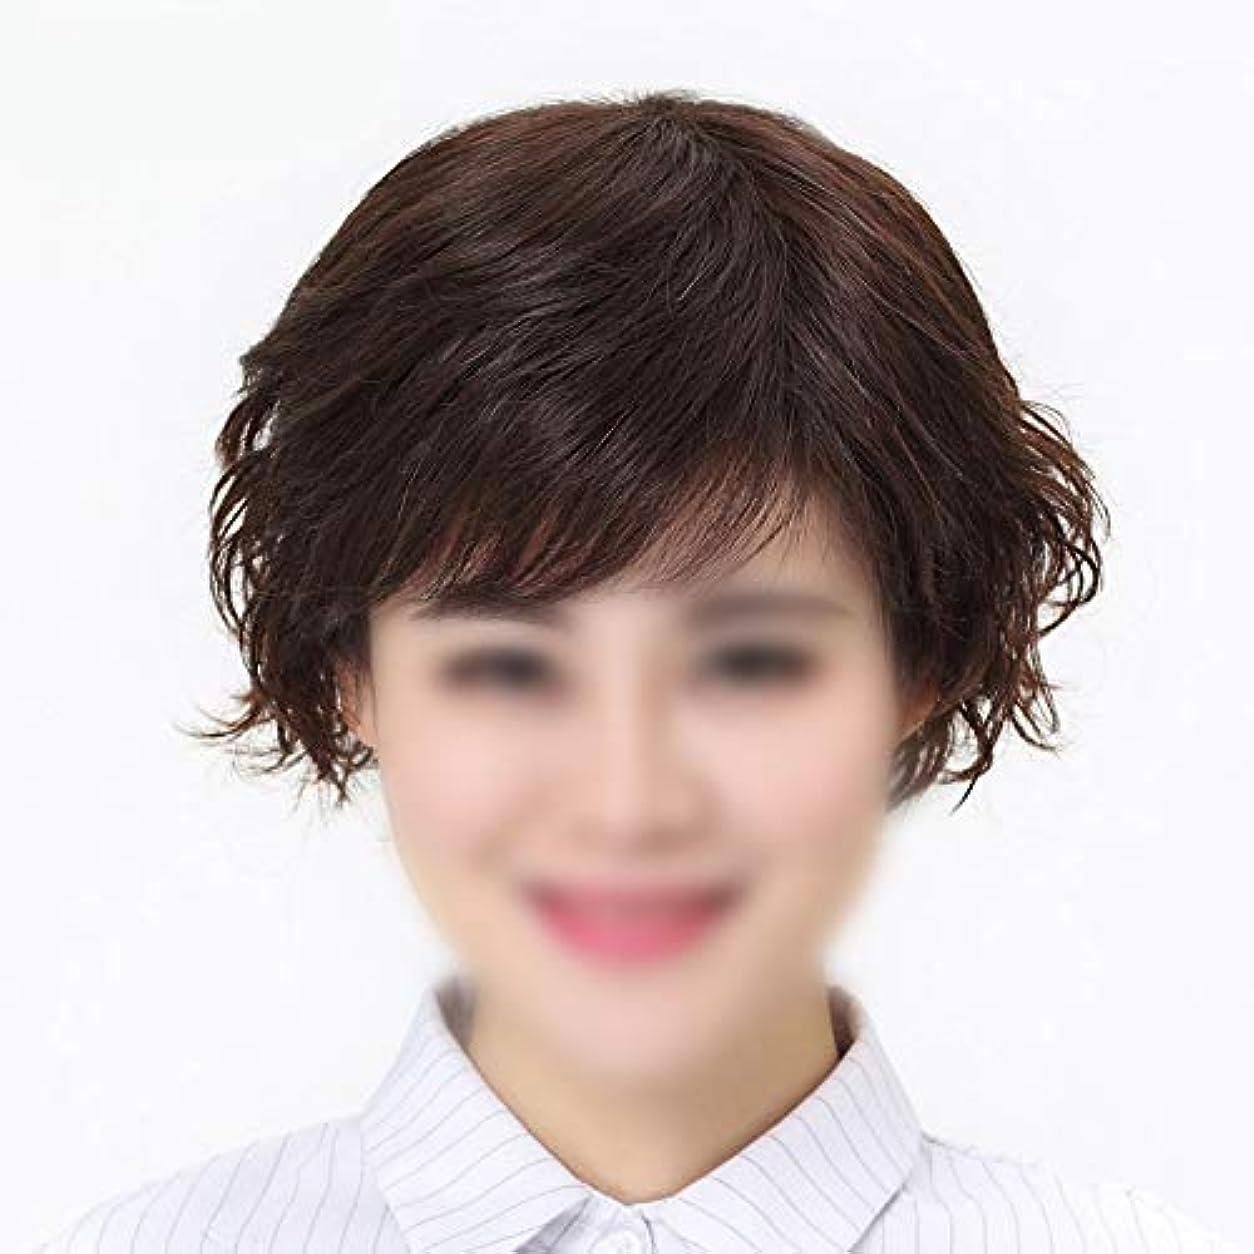 国歌仕立て屋扱いやすいYOUQIU 女性のかつらのために前髪人毛のかつら有名人を持つ実バージン人毛ショートウィッグスタイリッシュ (色 : 黒, サイズ : Mechanism)